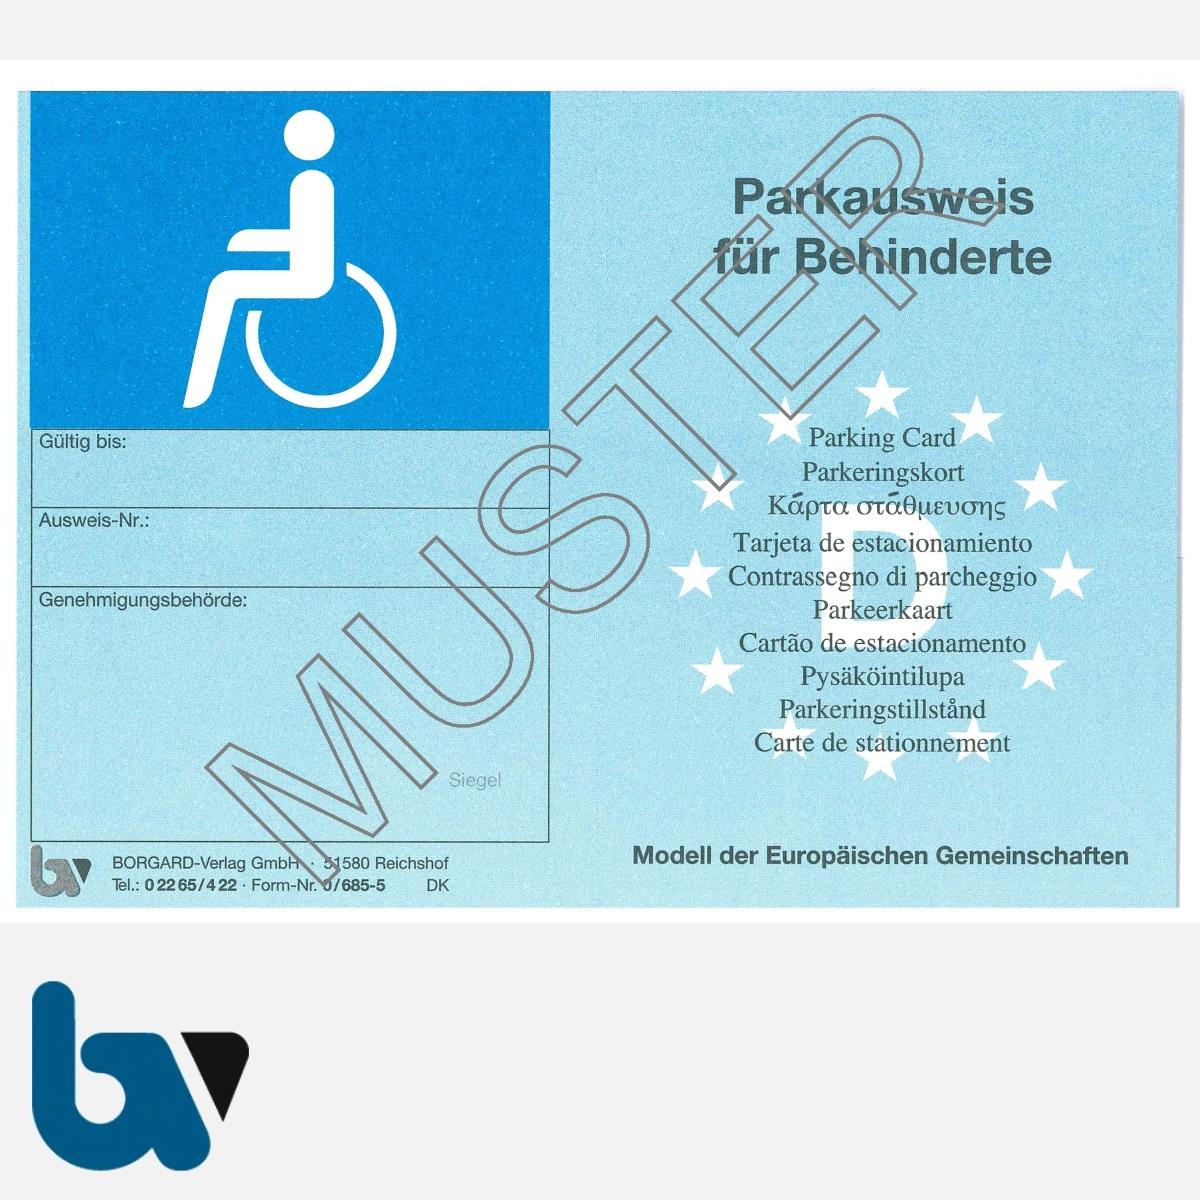 0/685-5 EU-einheitlicher Parkausweis Ausnahmegenehmigung Parkerleichterungen europäisch blau Modell behinderte Menschen stabil DIN A6 VS | Borgard Verlag GmbH